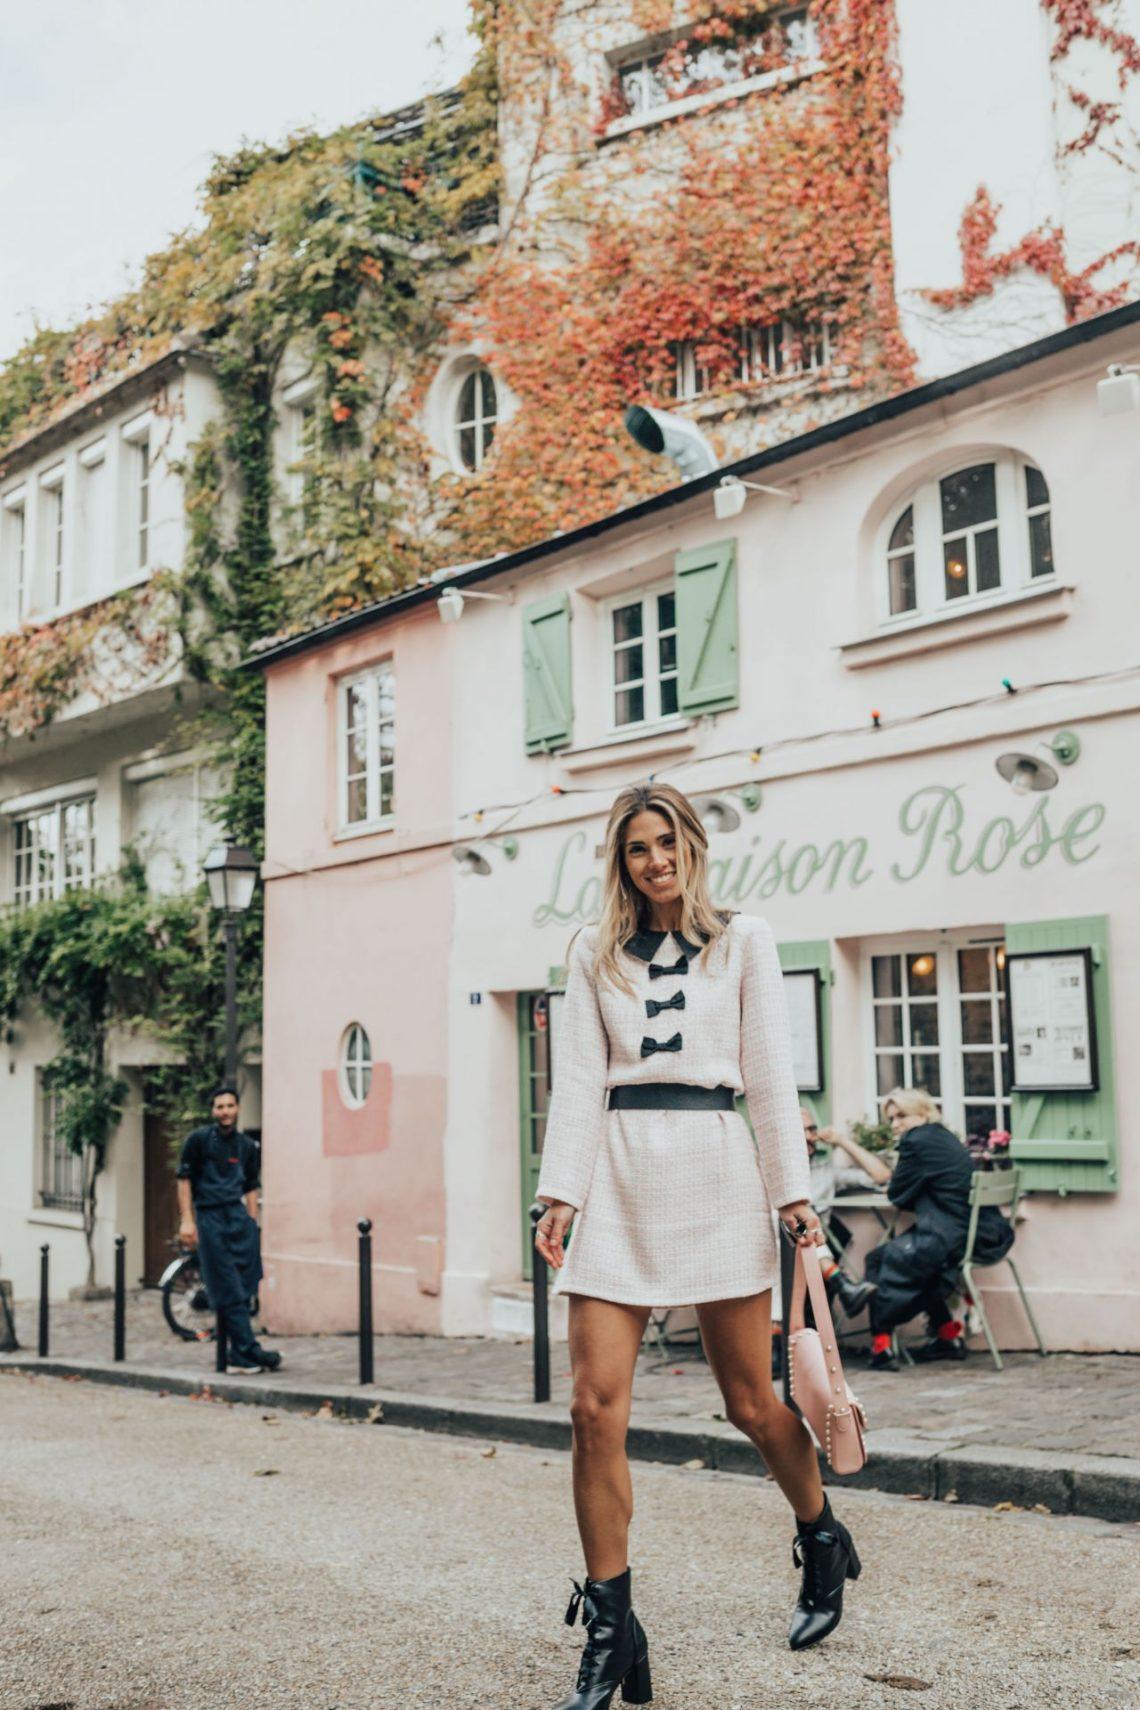 Poète cumple diez años en el mundo de la moda y lo celebra con una colección cápsula inspirada en sus diseños más icónicos